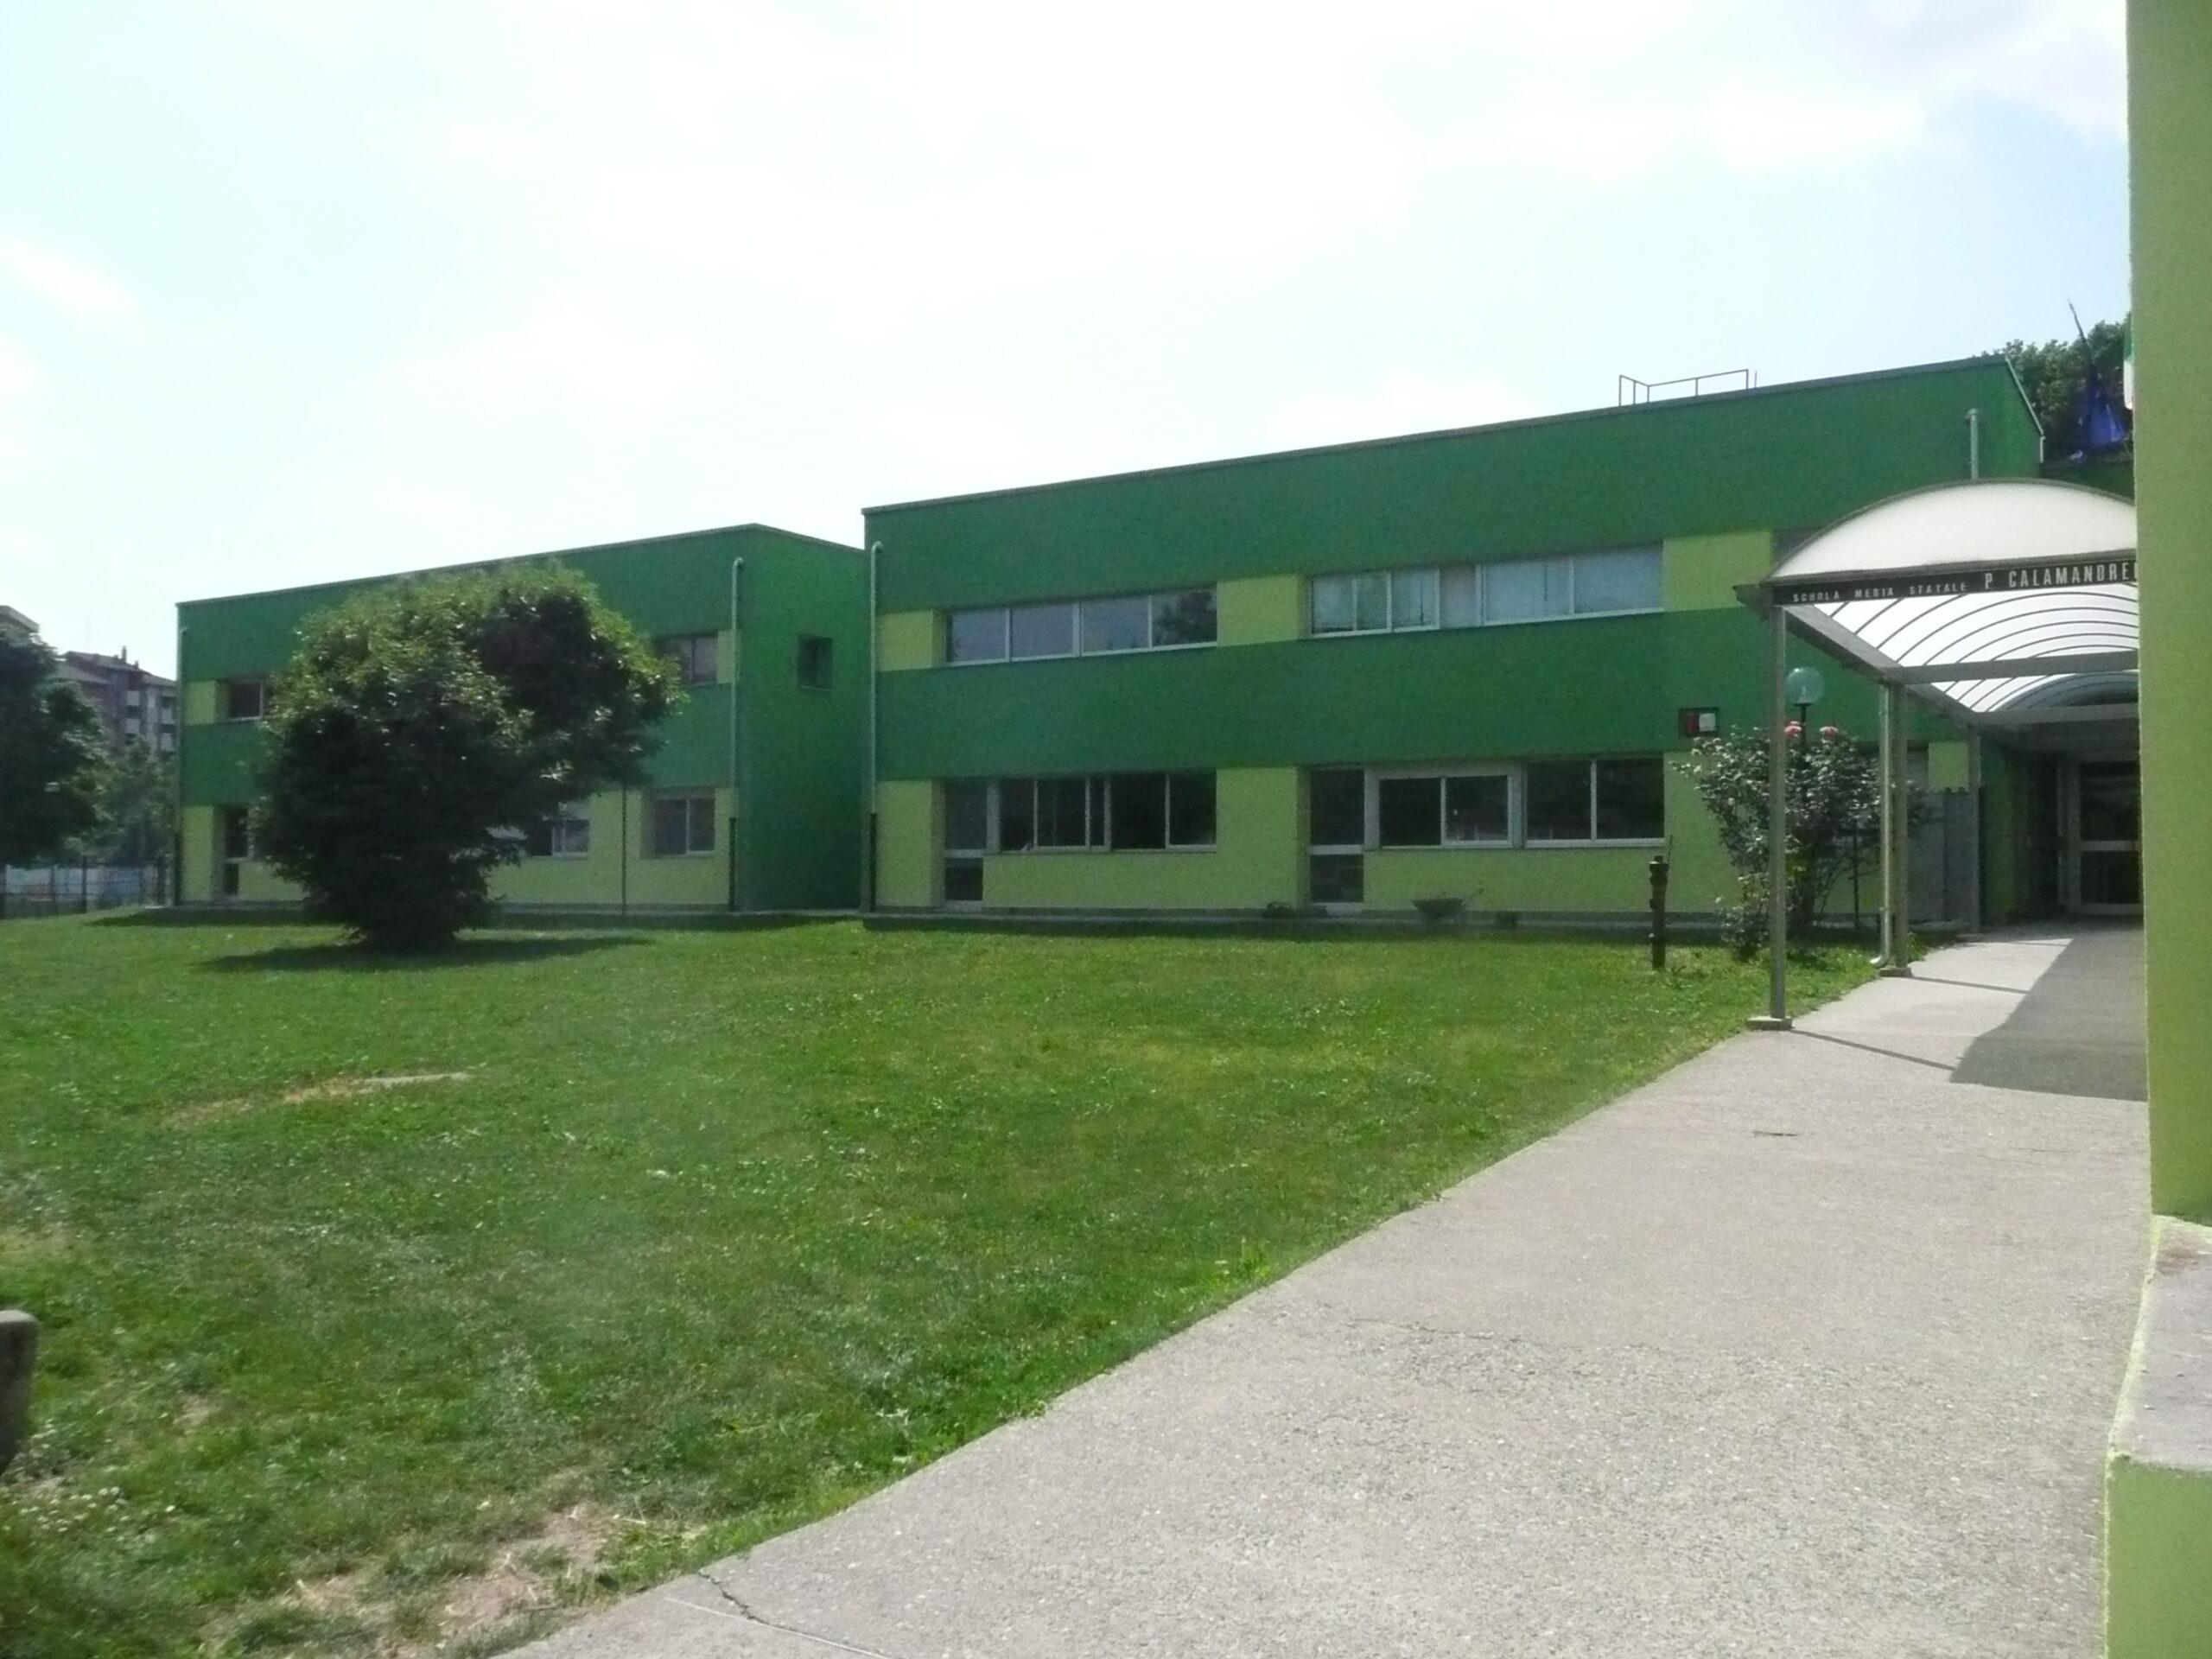 Le nuove facciate della scuola Calamandrei